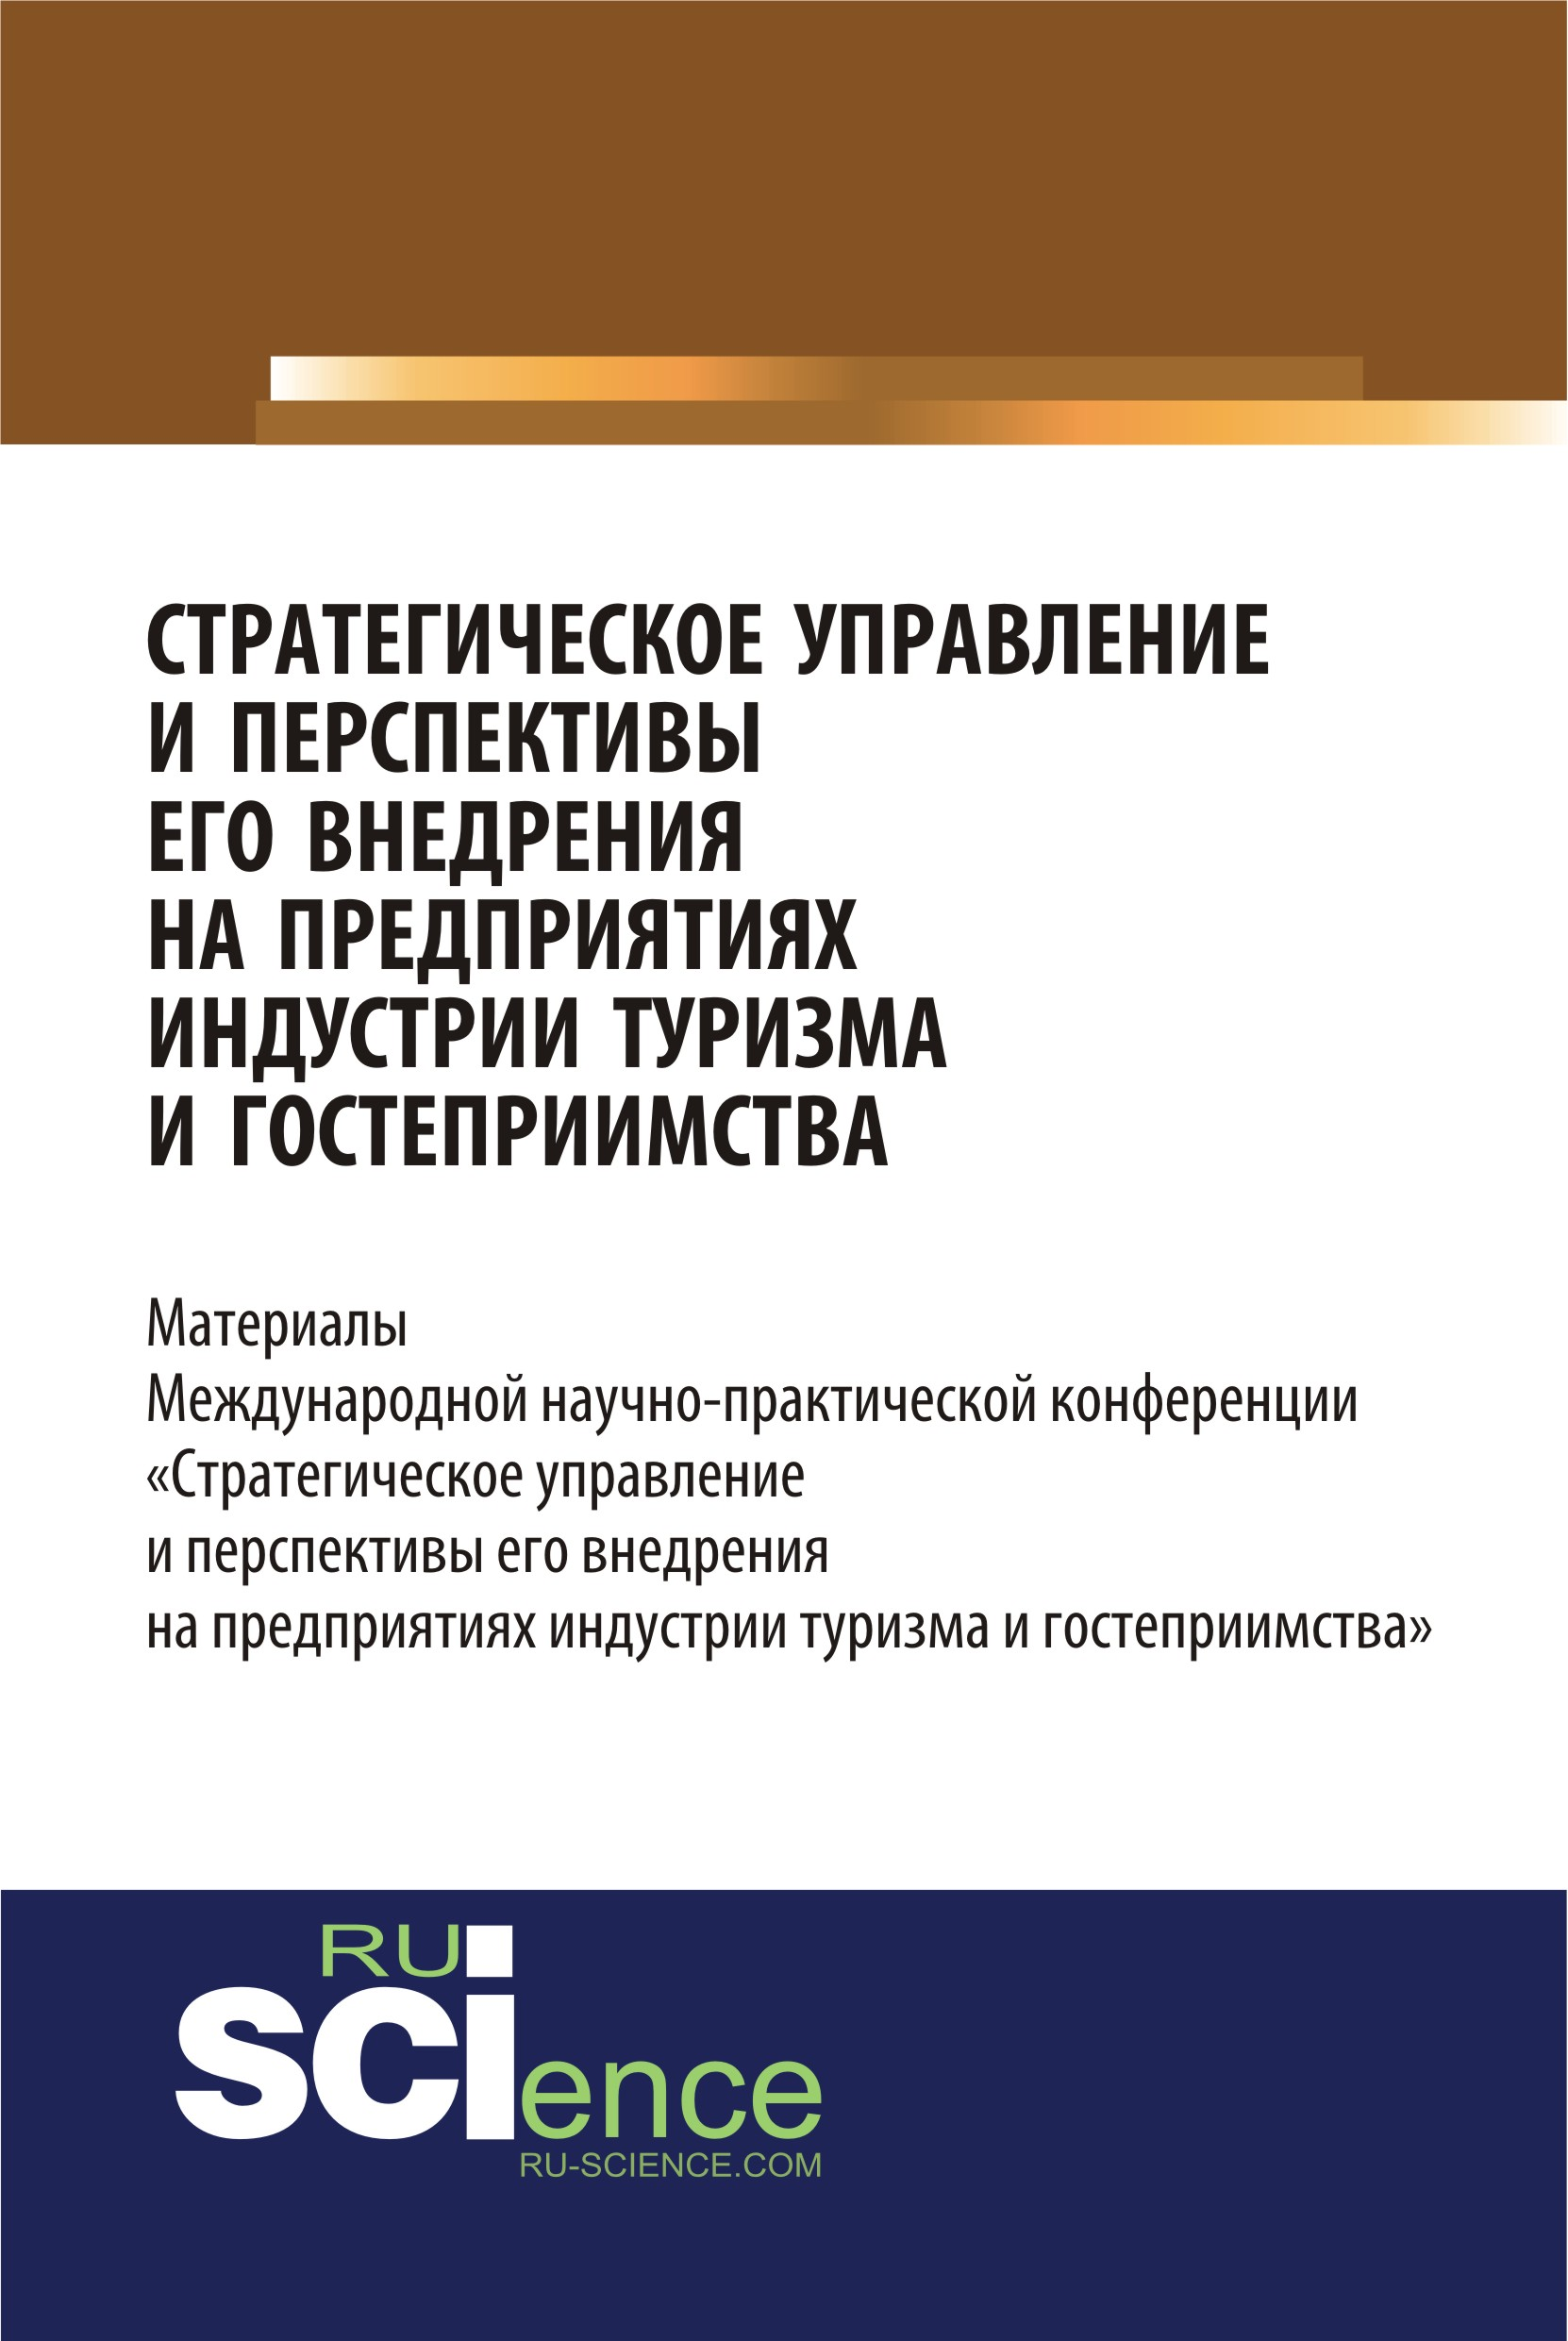 Сборник статей Стратегическое управление и перспективы его внедрения на предприятиях индустрии туризма и гостеприимства